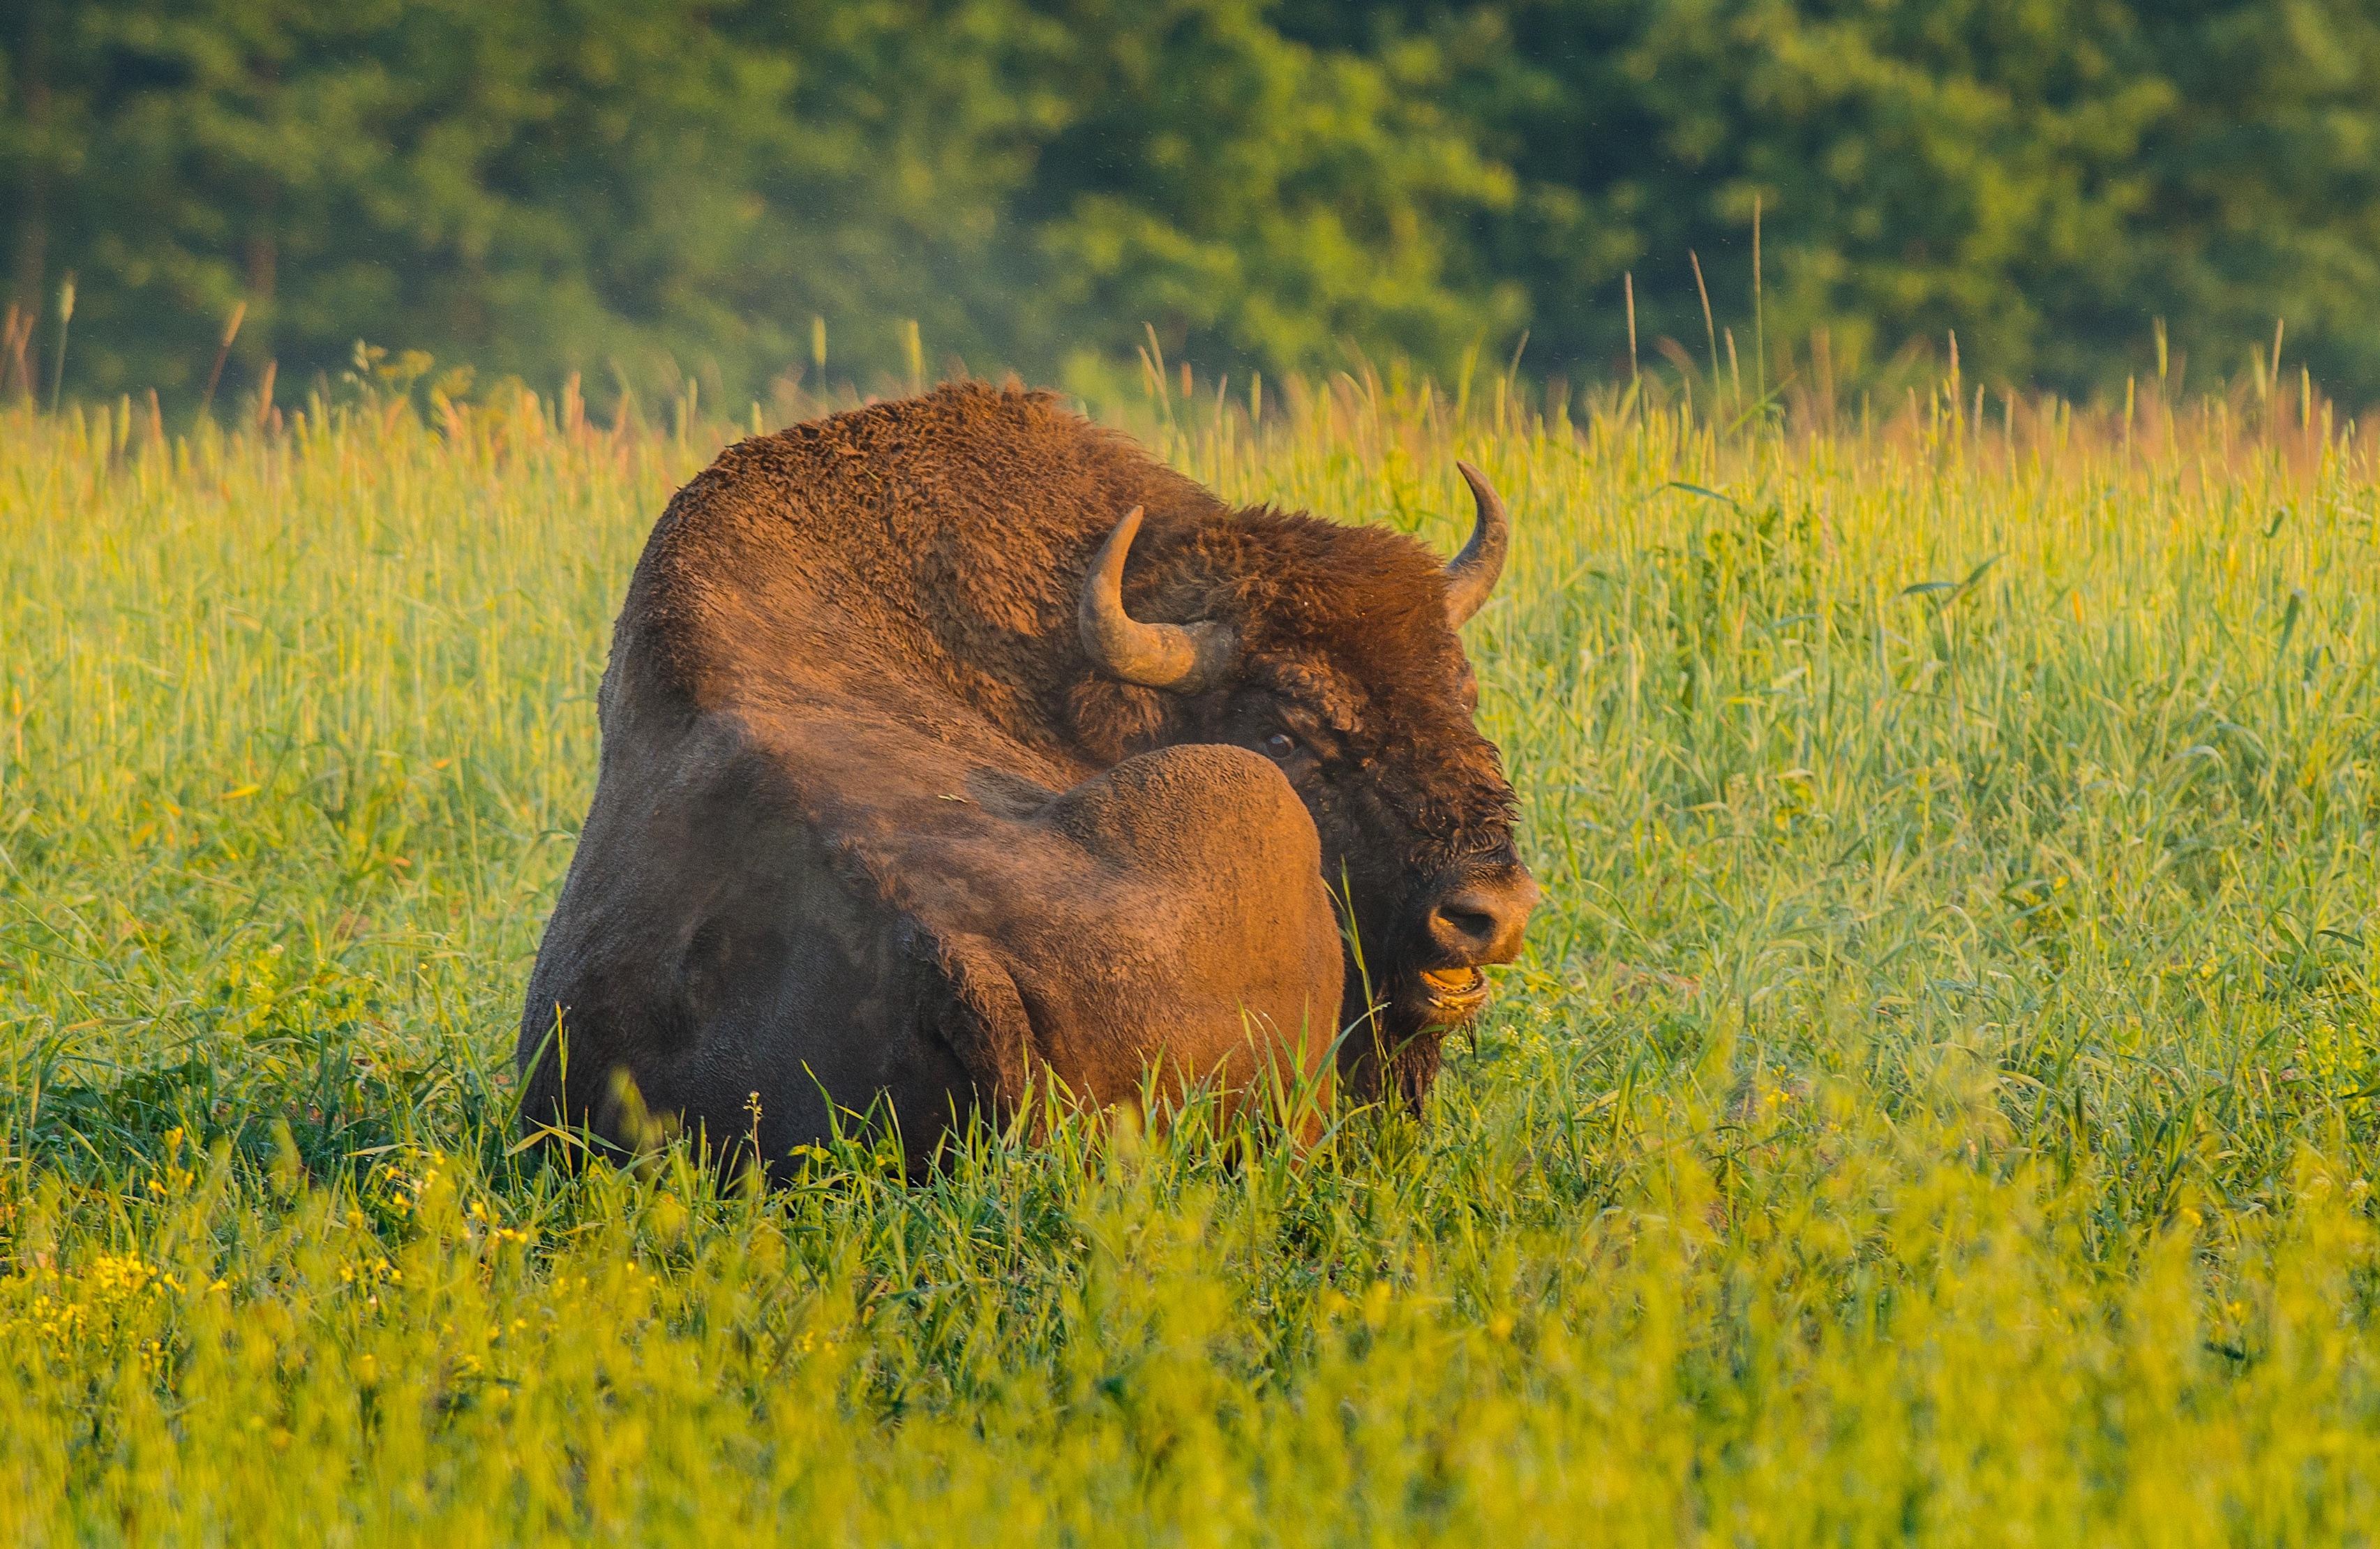 Pressemateriale (foto til omtale, anmeldelse). Europæisk bison (fotograferet af Rune Engelbreth Larsen)